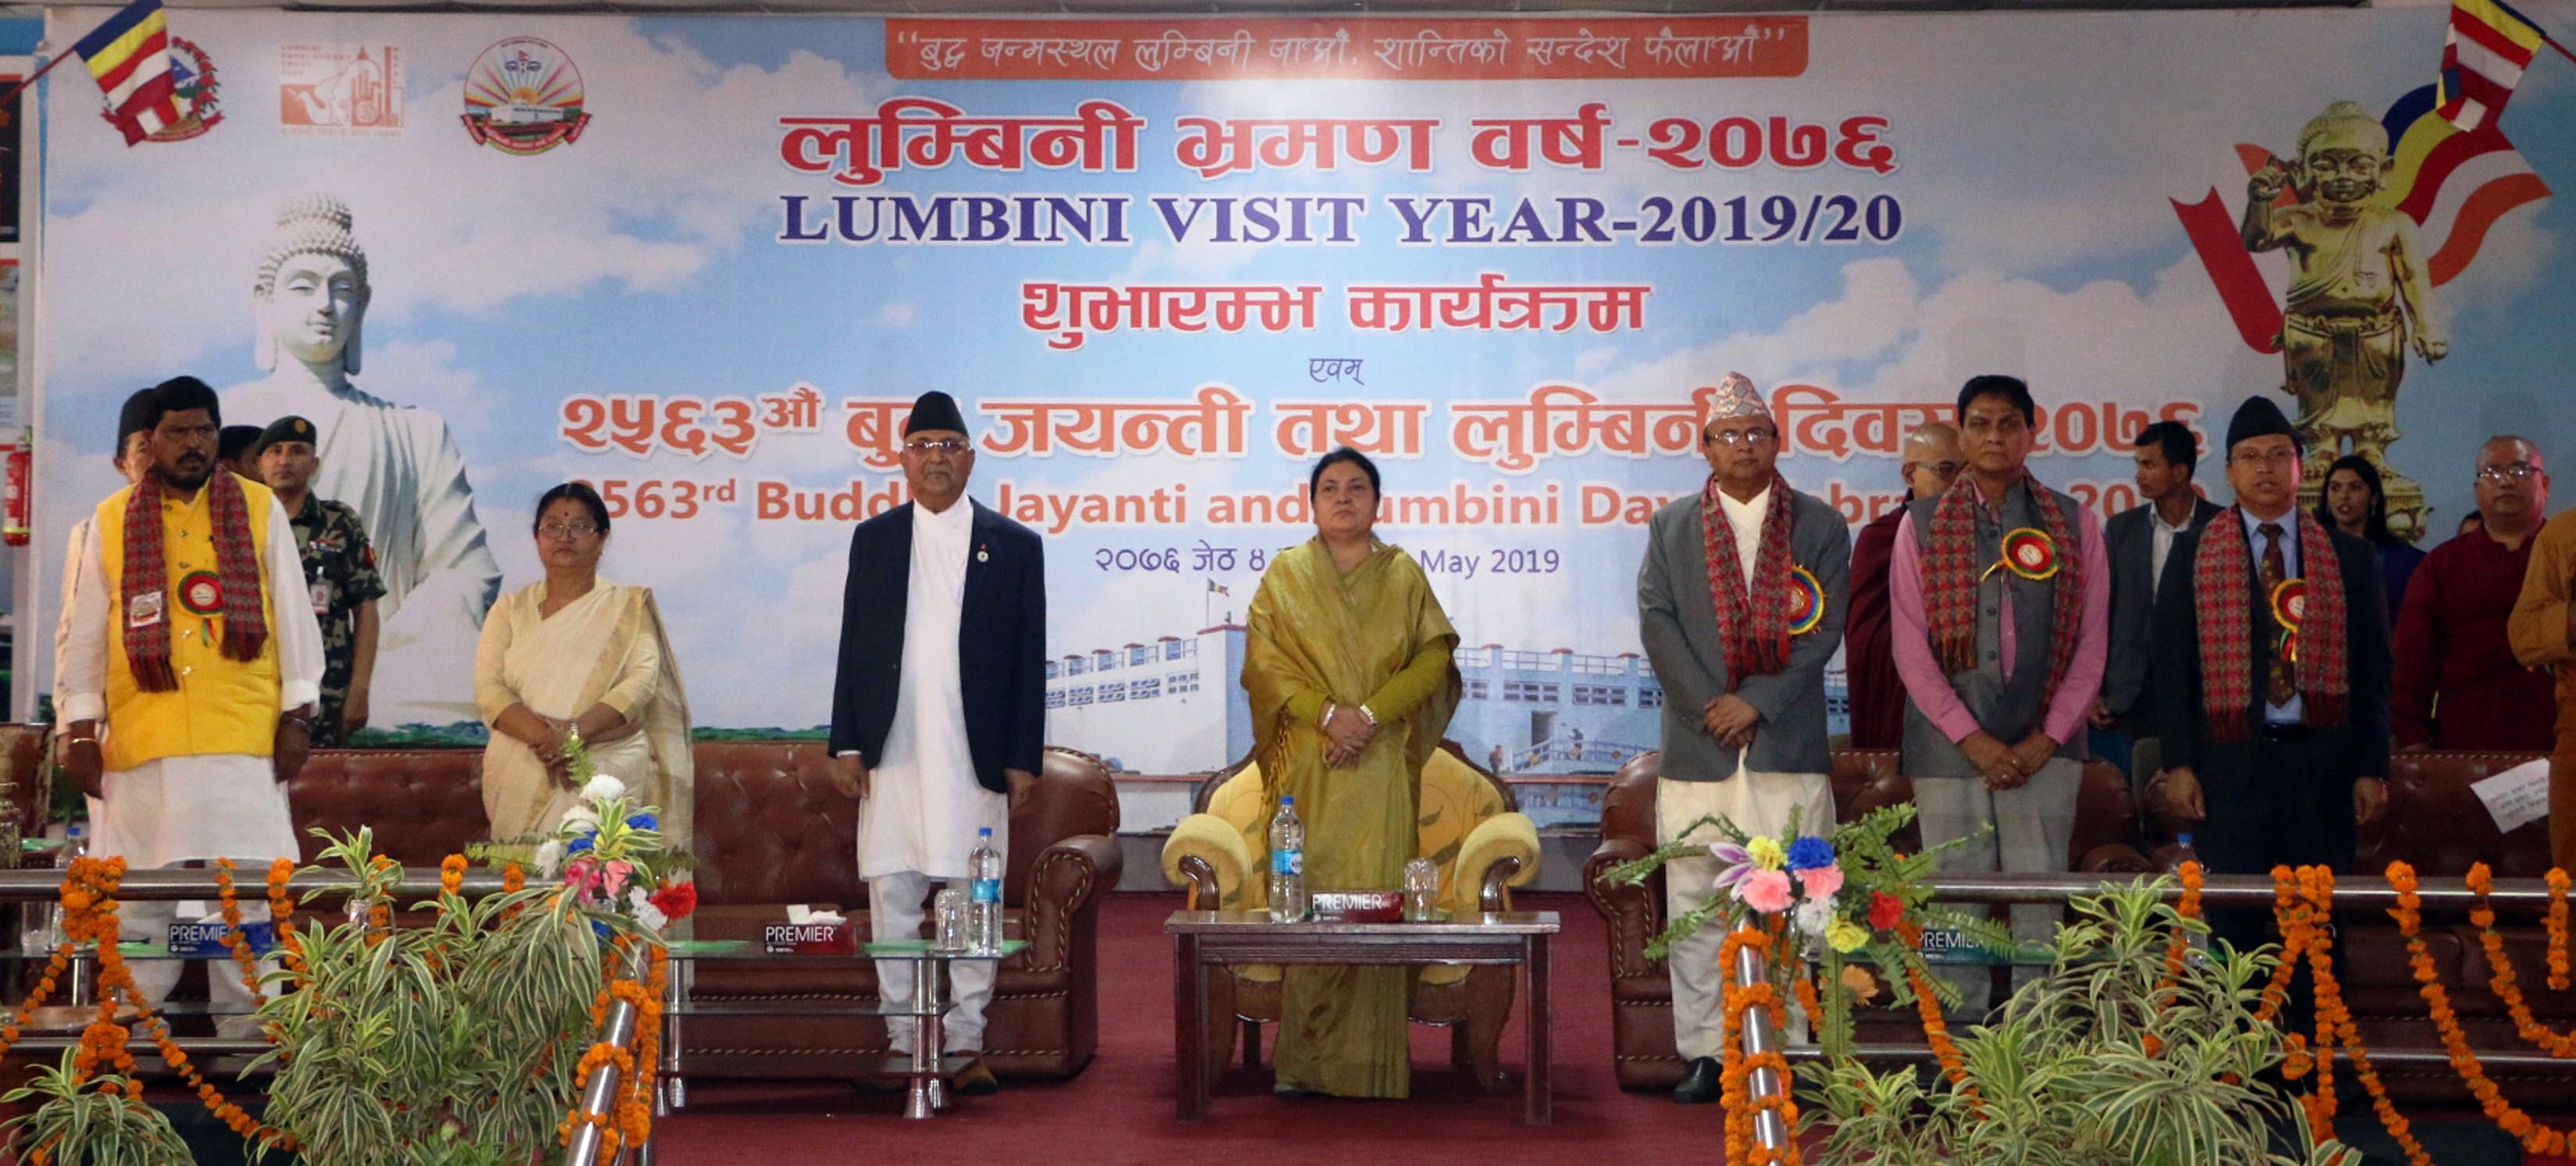 राष्ट्रपतिद्वारा लुम्बिनी घुम्न निम्तो